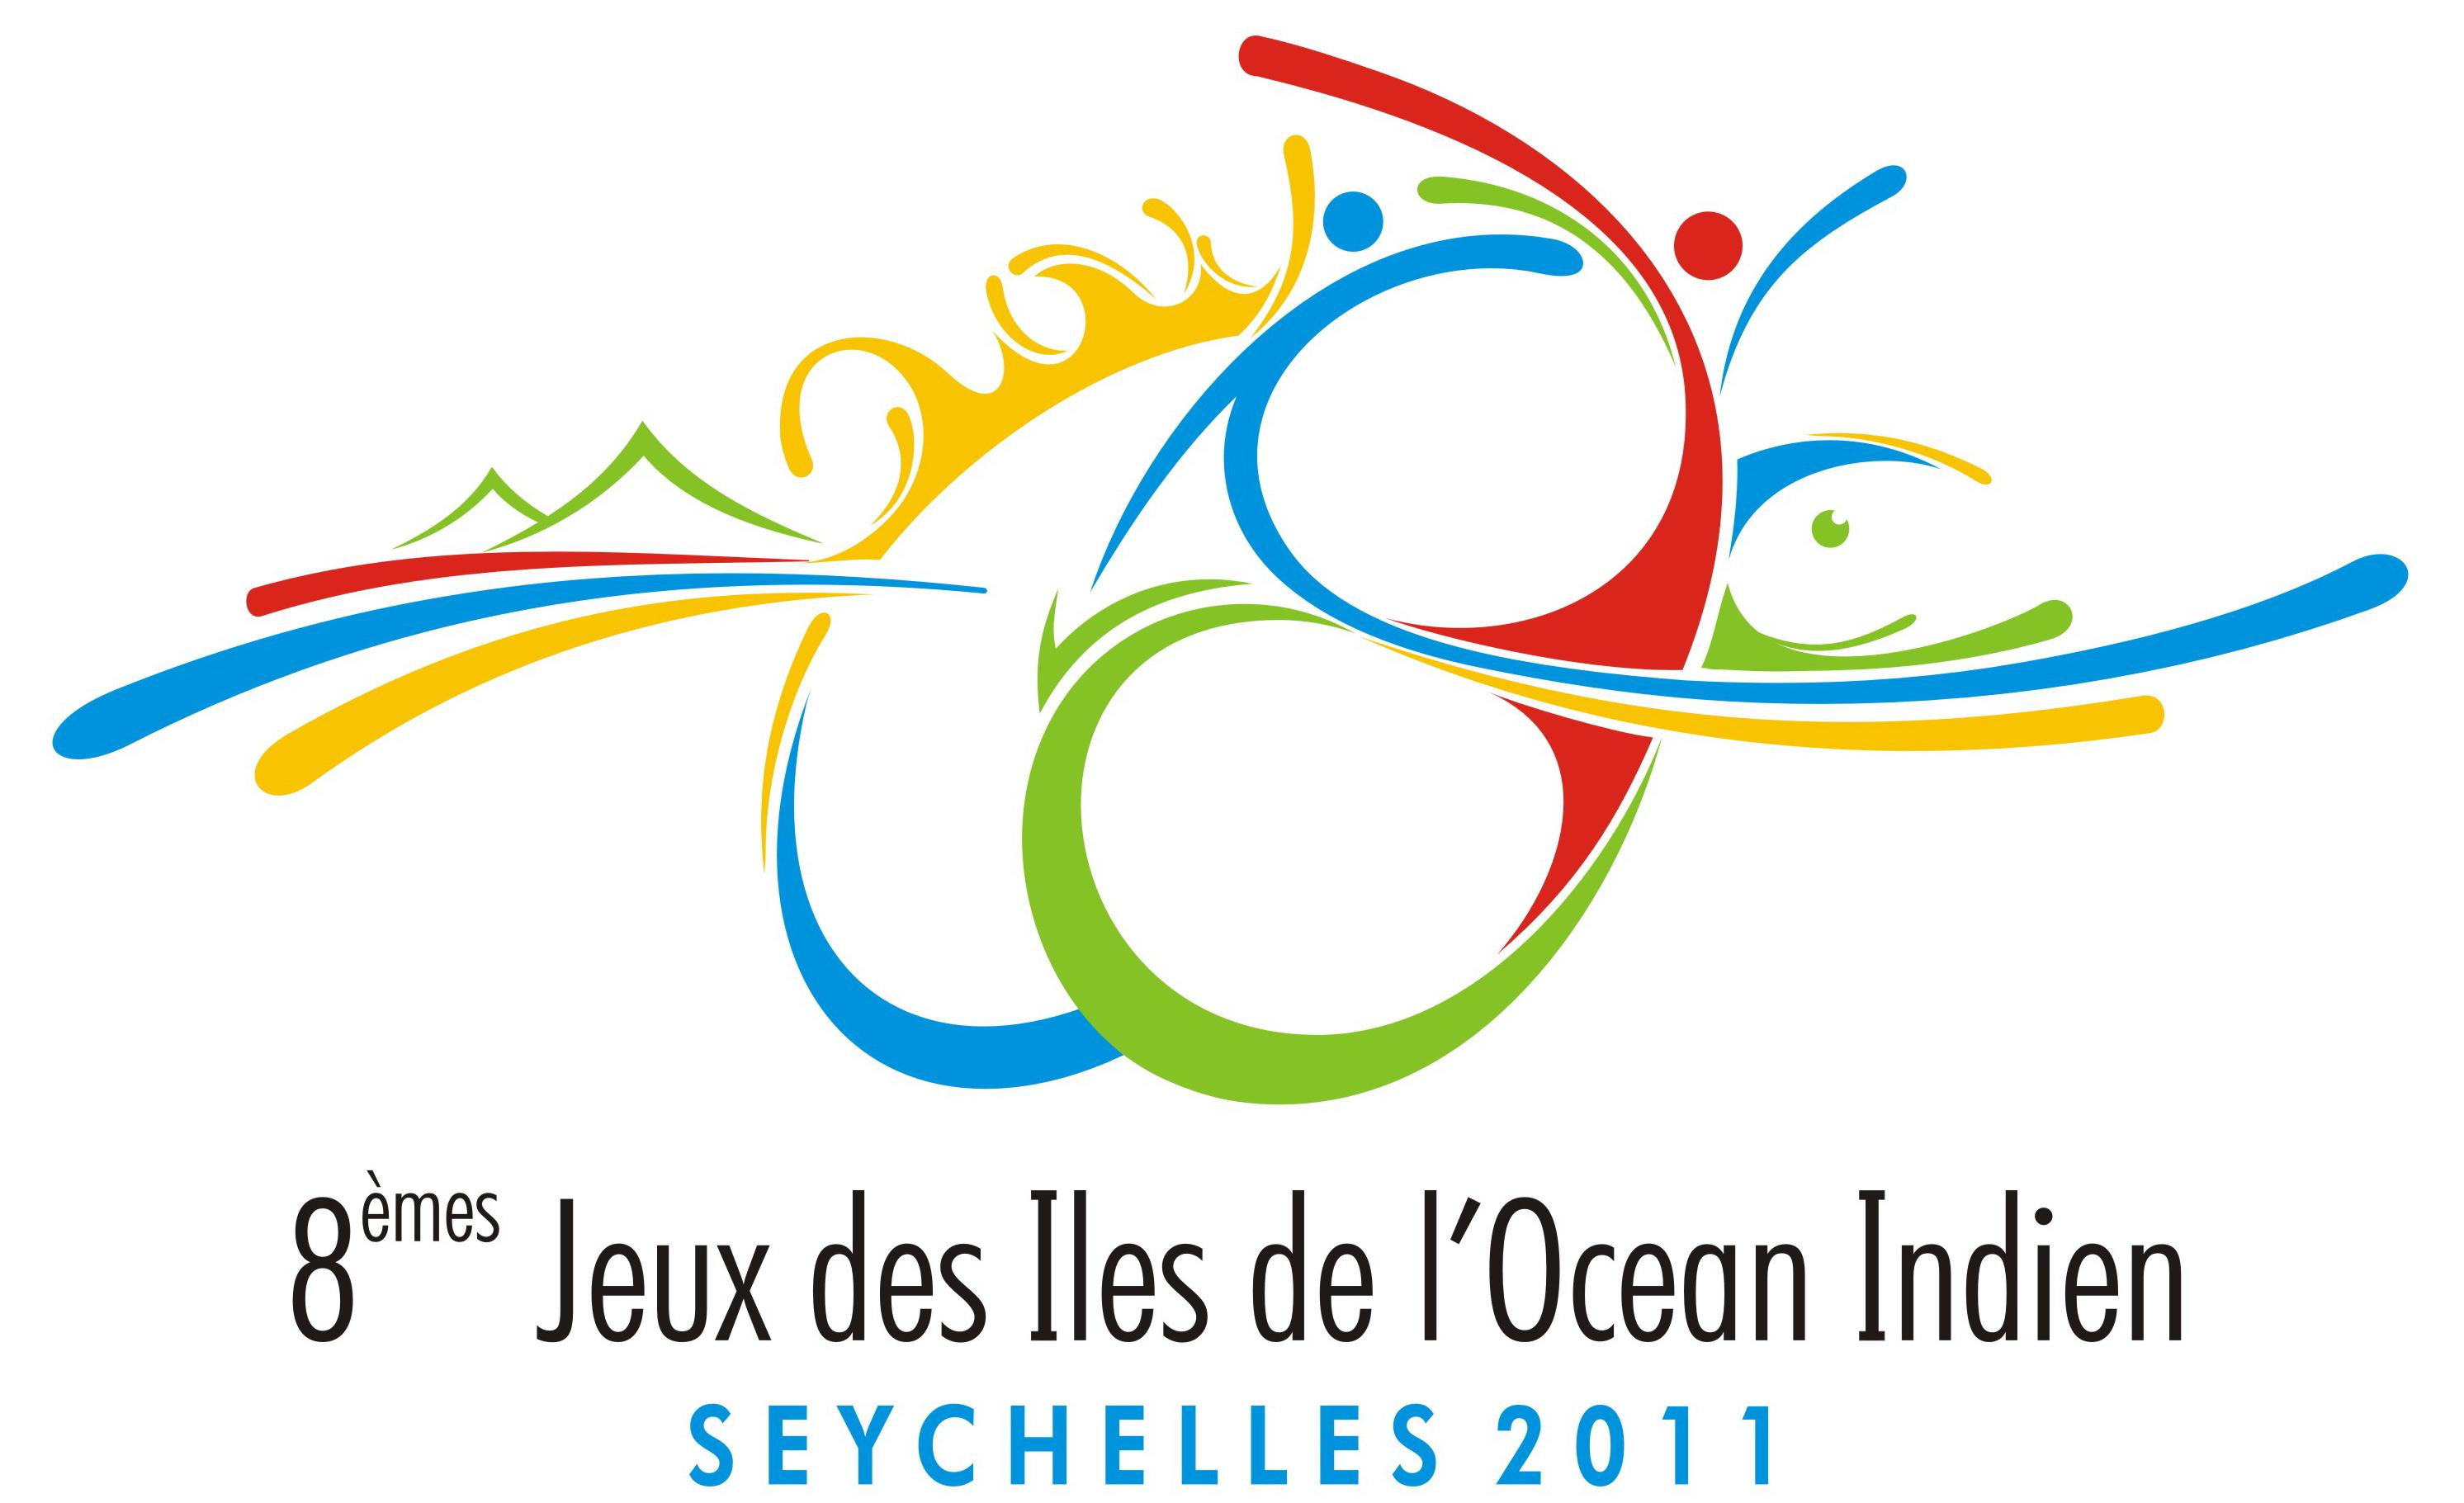 Blog du Diacre Michel Houyoux bwin auszahlung ukas bwin bonus bestandskunden 2016 » Archives du Blog » Jésus bwin party latest news marche sur ...